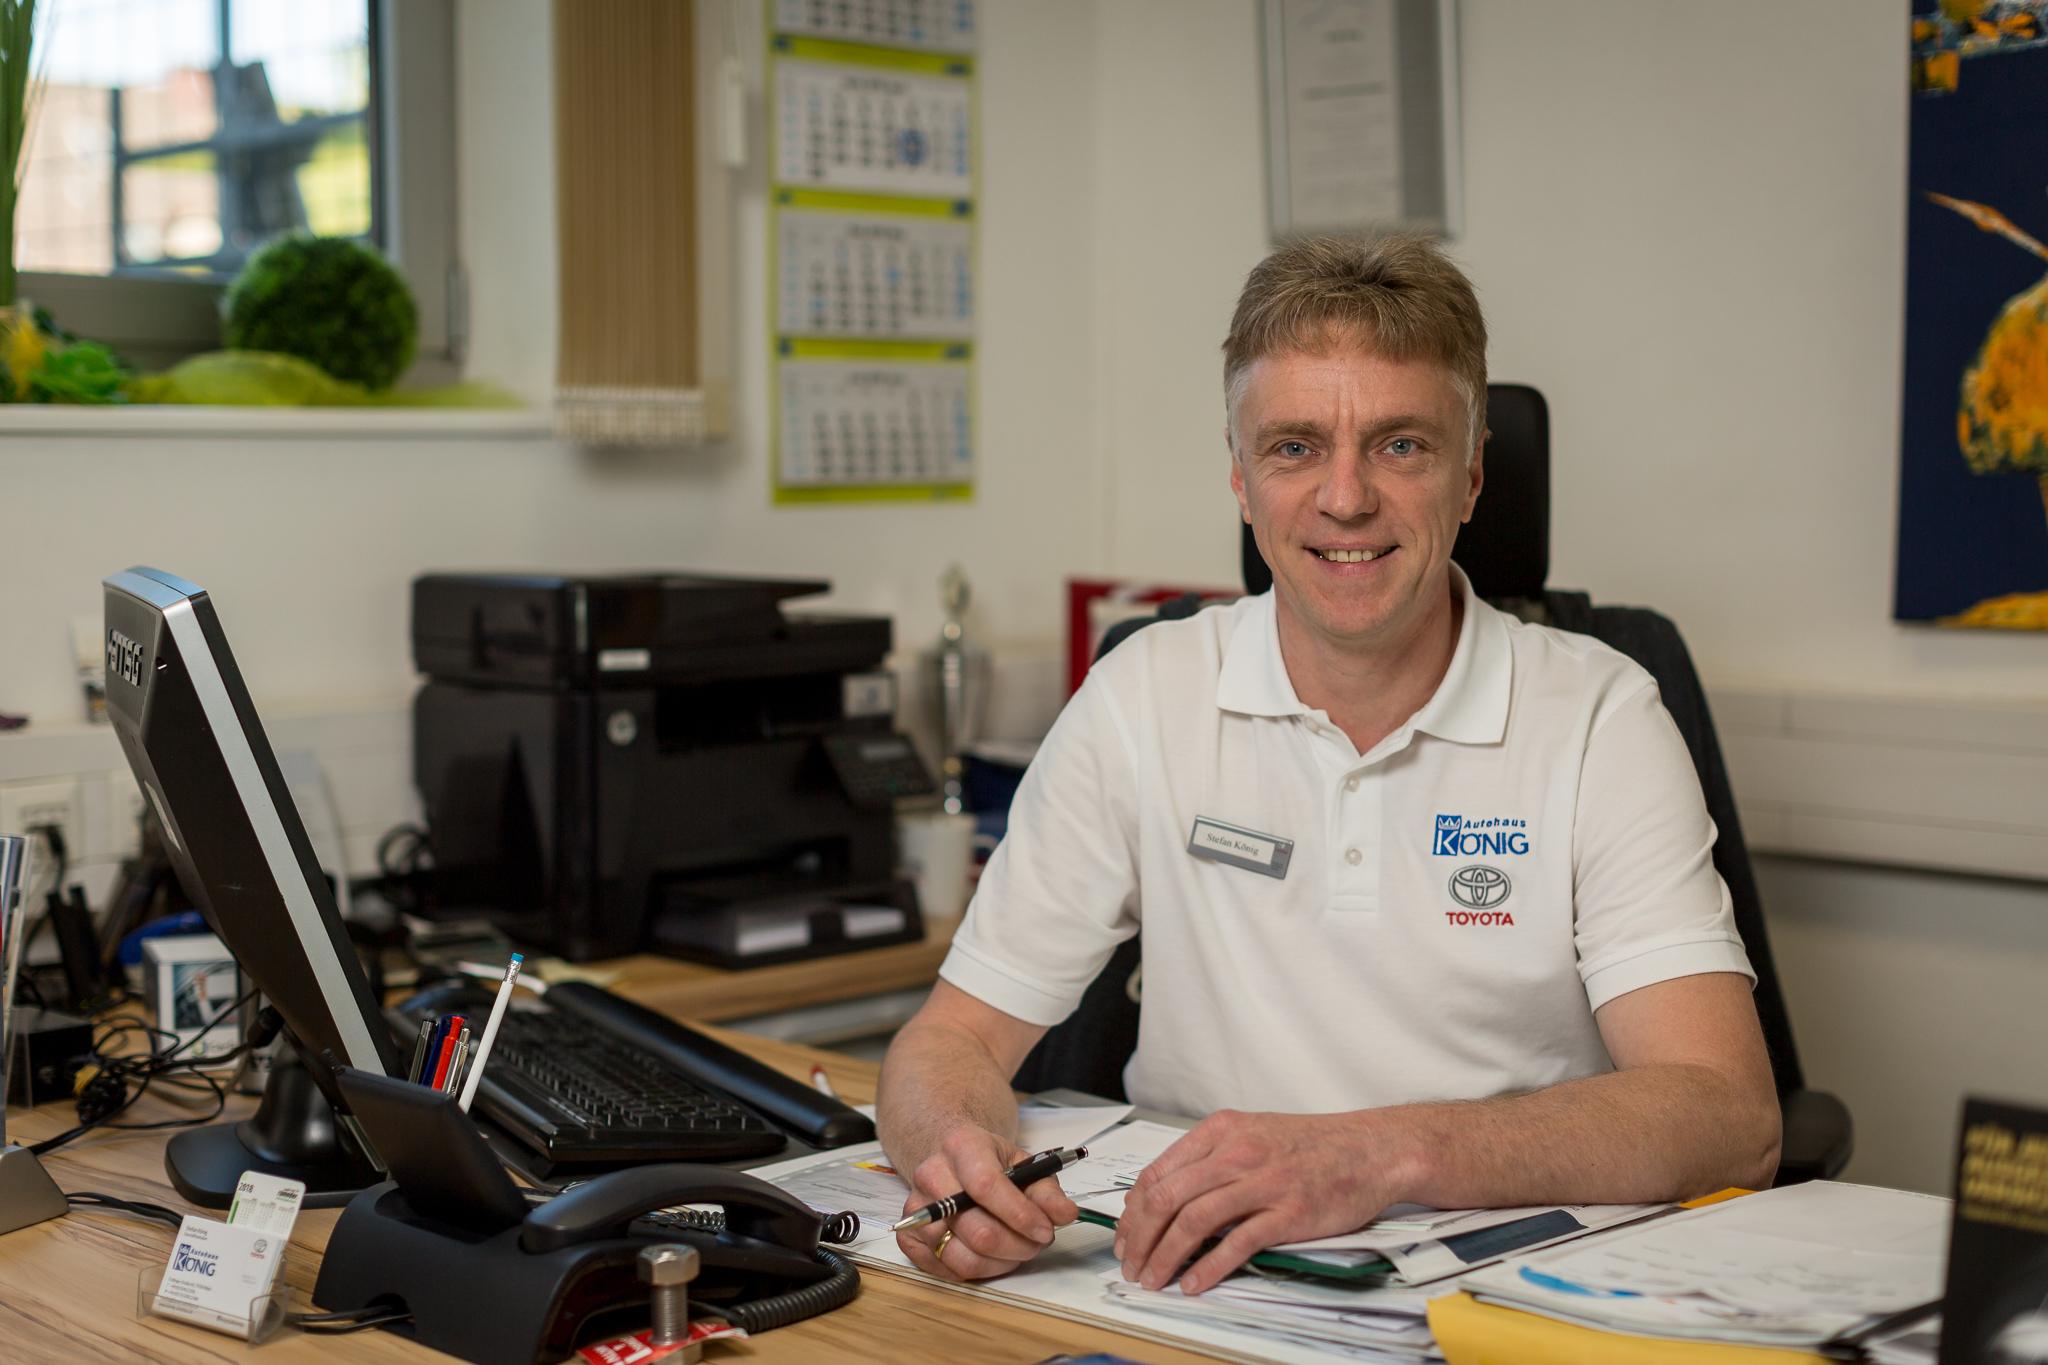 Stefan König